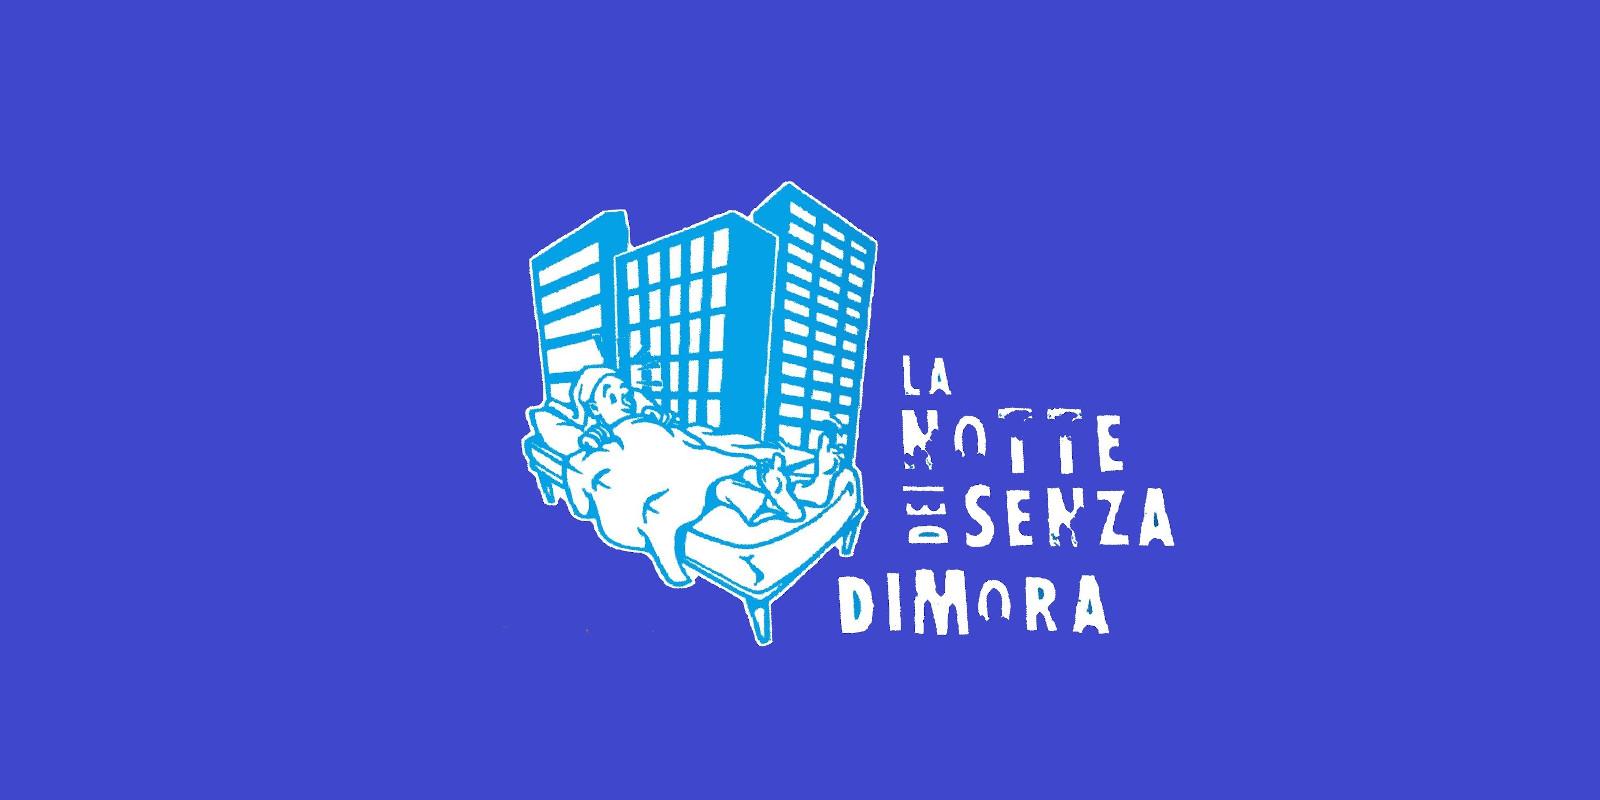 NOTTE DEI SENZA DIMORA 2020